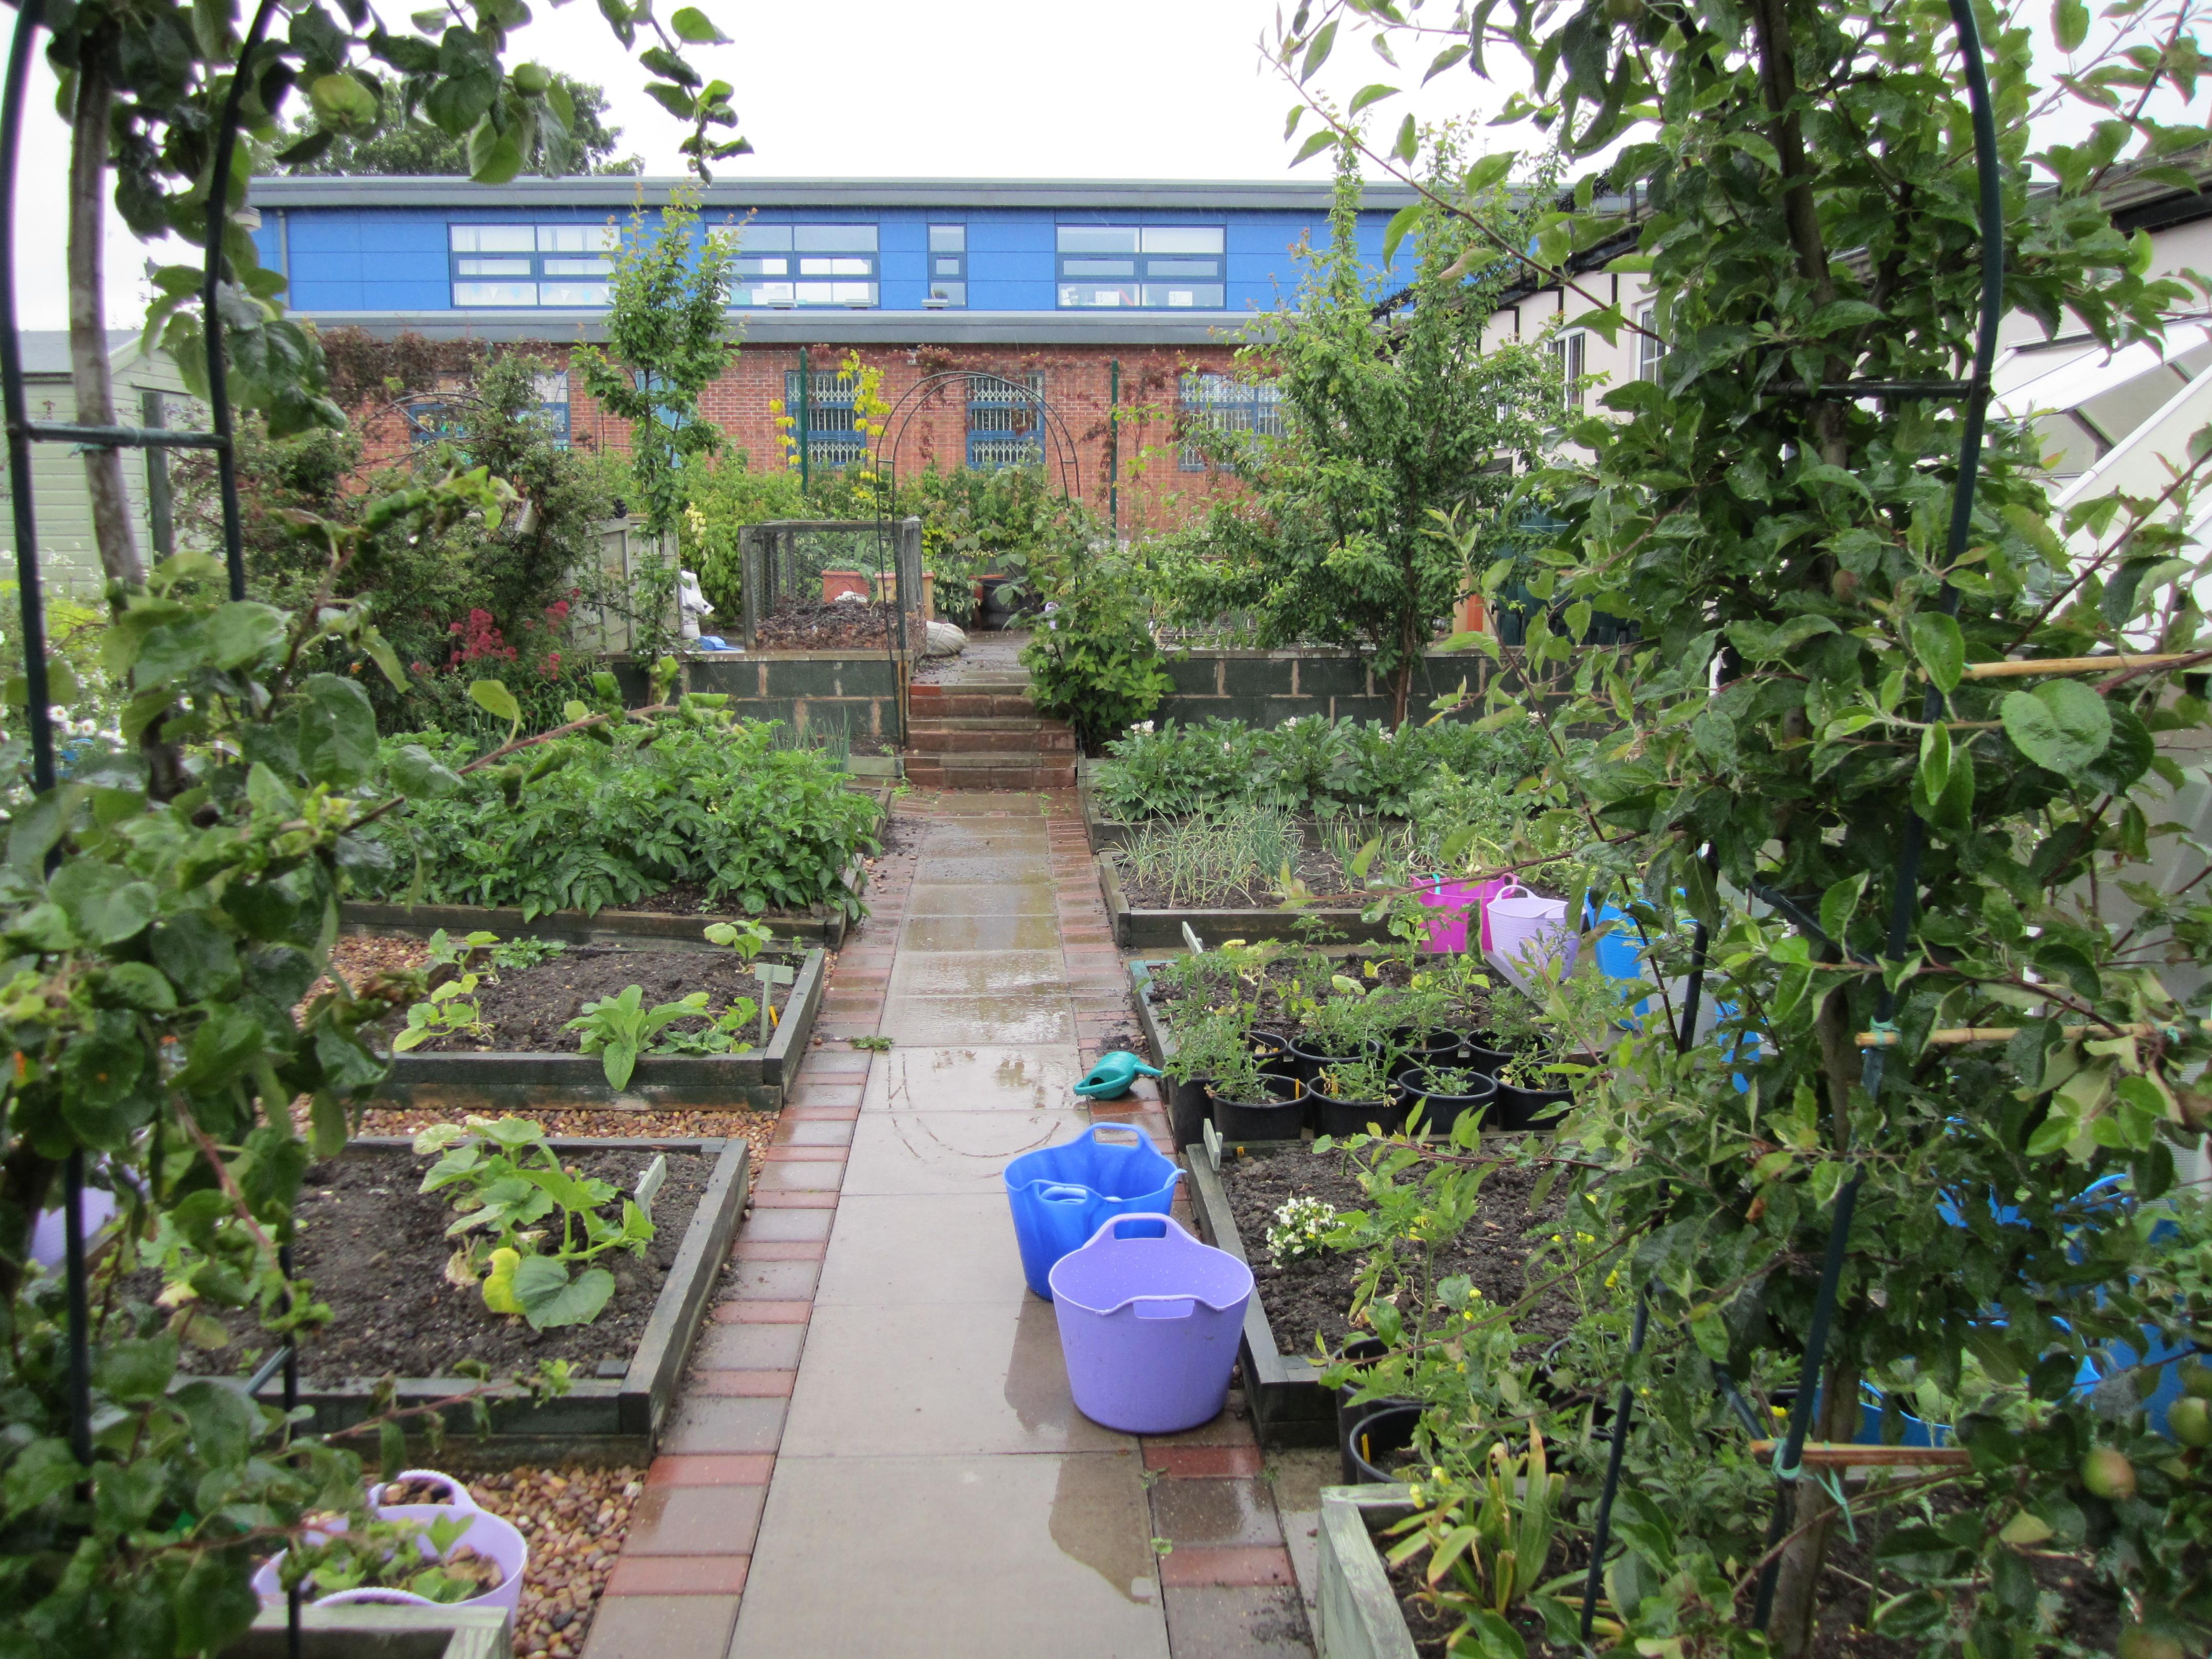 School vegetable gardens -  4320 3240 Pixels Valerie Farrow In Her School Garden